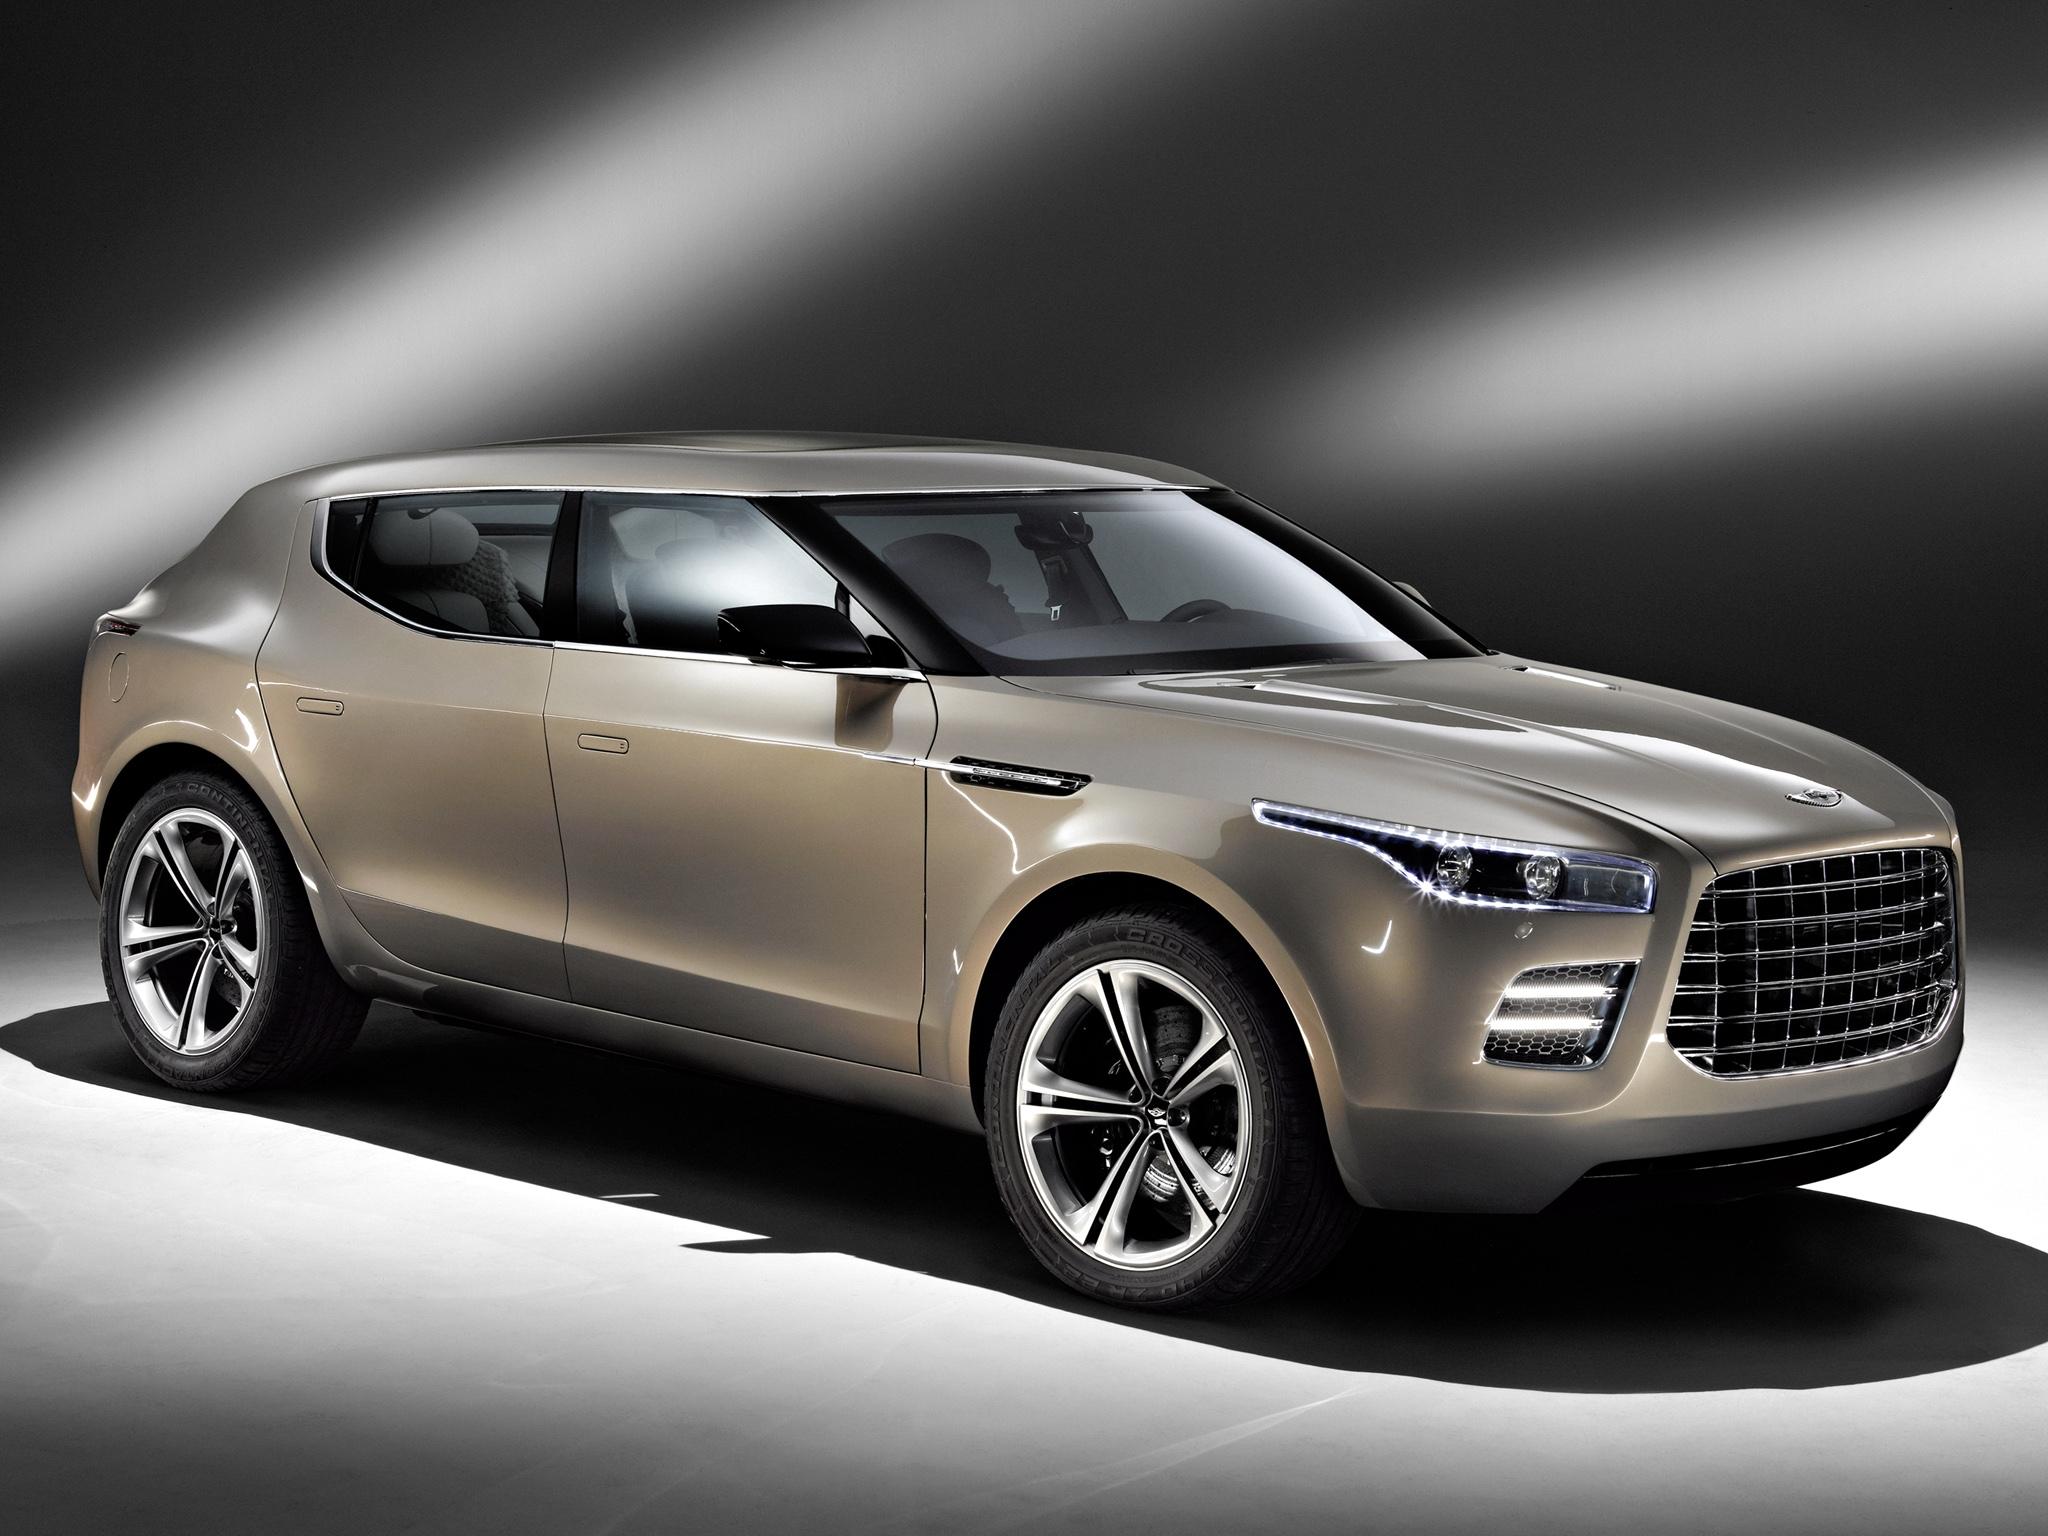 105578 скачать обои Тачки (Cars), Астон Мартин (Aston Martin), Lagonda, Concept, 2009, Коричневый, Вид Сбоку, Концепт Кар, Машины - заставки и картинки бесплатно